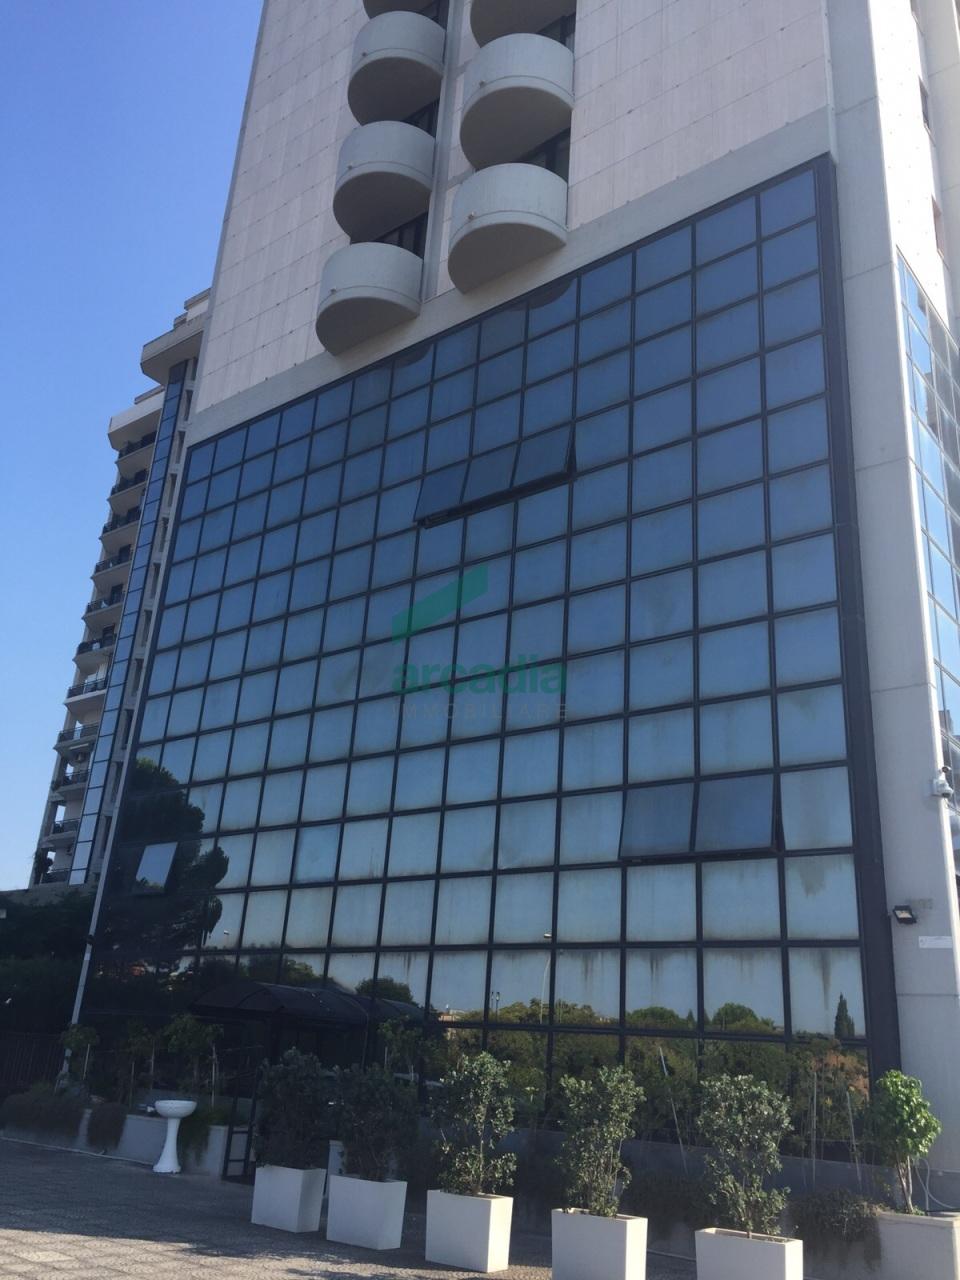 Ufficio - oltre pentalocale a Poggiofranco, Bari Rif. 10459006